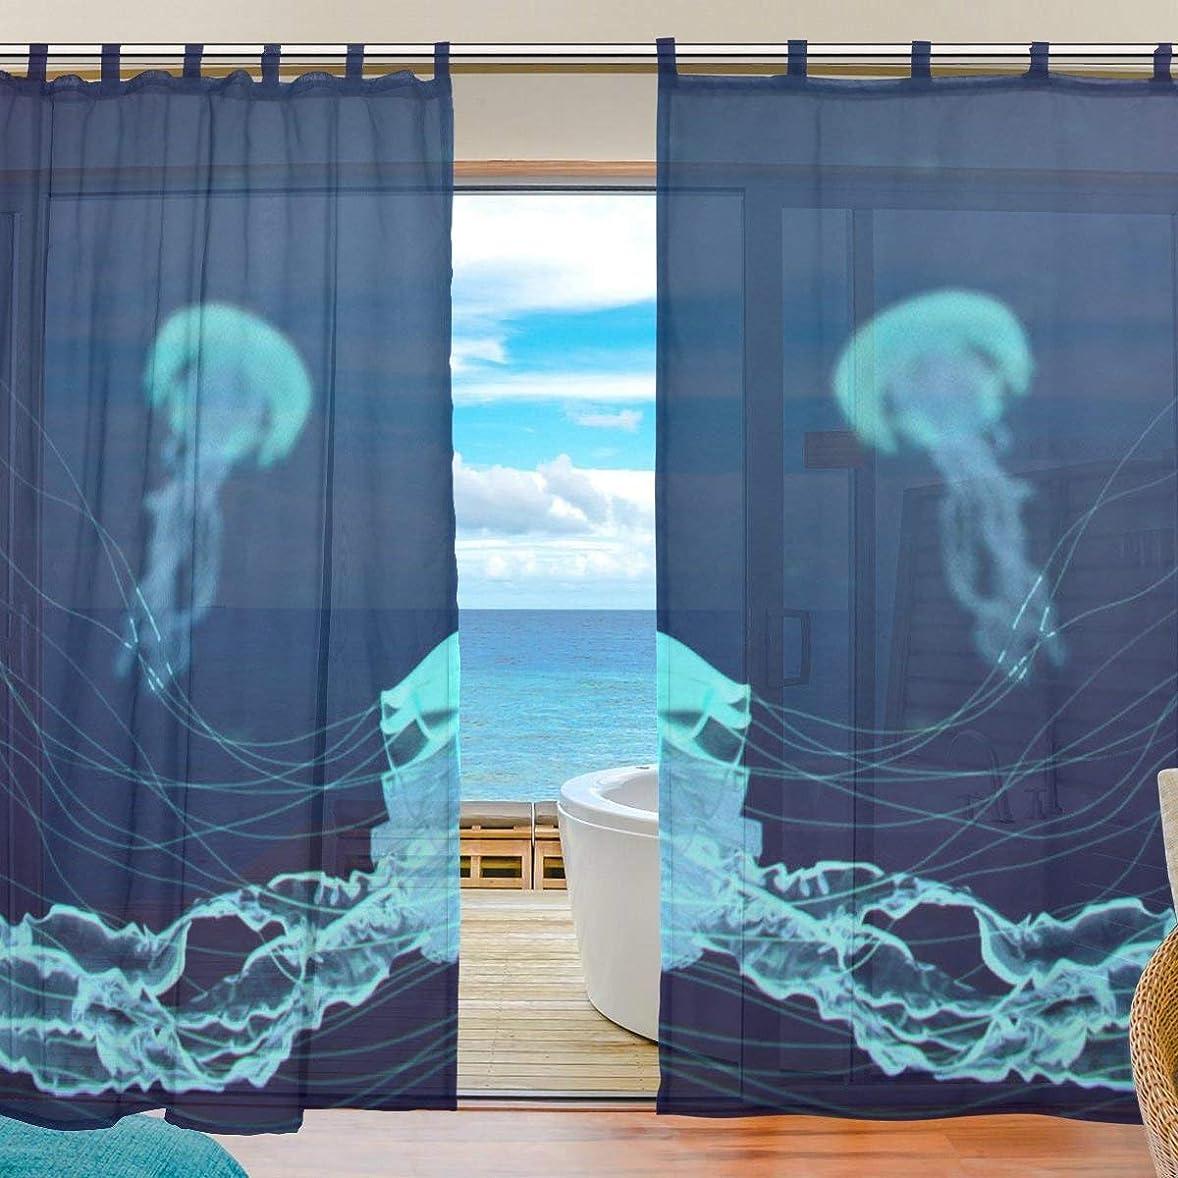 準拠一引くZOMOY(ユサキ おしゃれ 薄手 柔らかい シェードカーテン紗 ドアカーテン,かわいい メノクラゲ,装飾 窓 部屋 玄関 ベッドルーム 客間用 遮光 カーテン (幅:140cm x丈:210cmx2枚組)